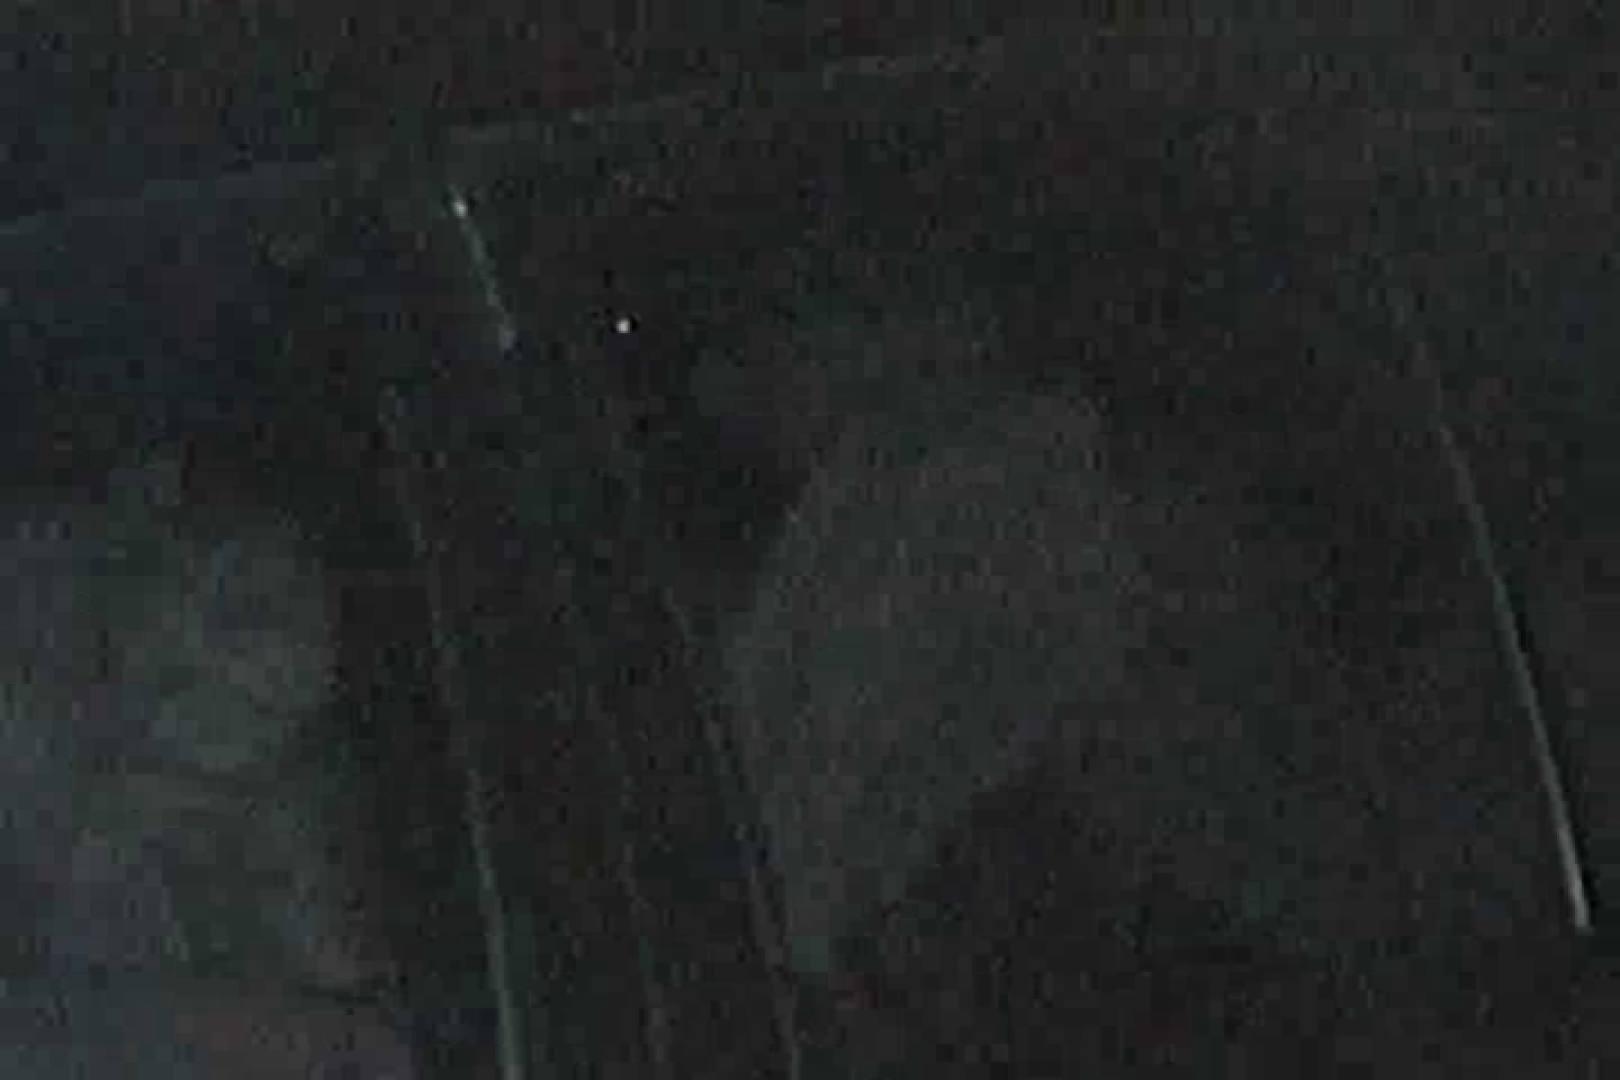 充血監督の深夜の運動会Vol.8 美しいOLの裸体 | おっぱい  75pic 28